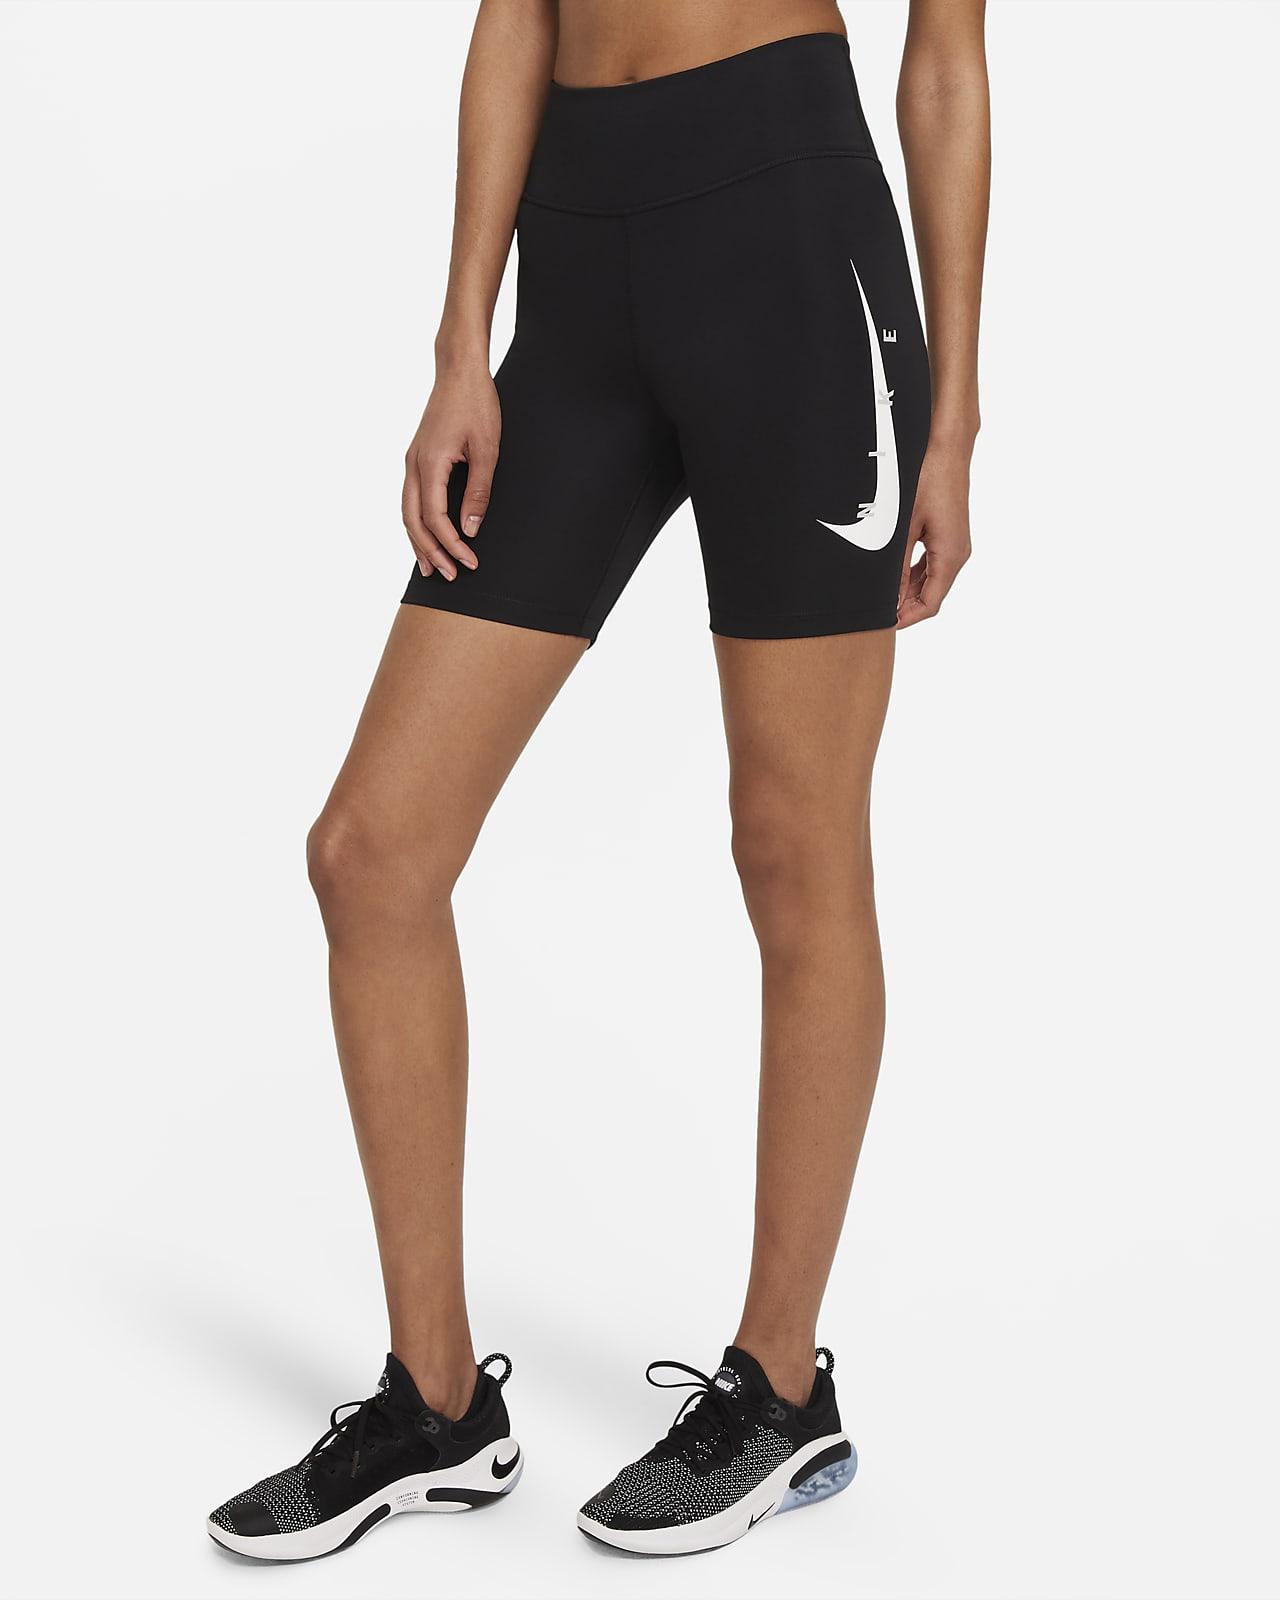 Löpartights Nike Swoosh Run 18 cm för kvinnor